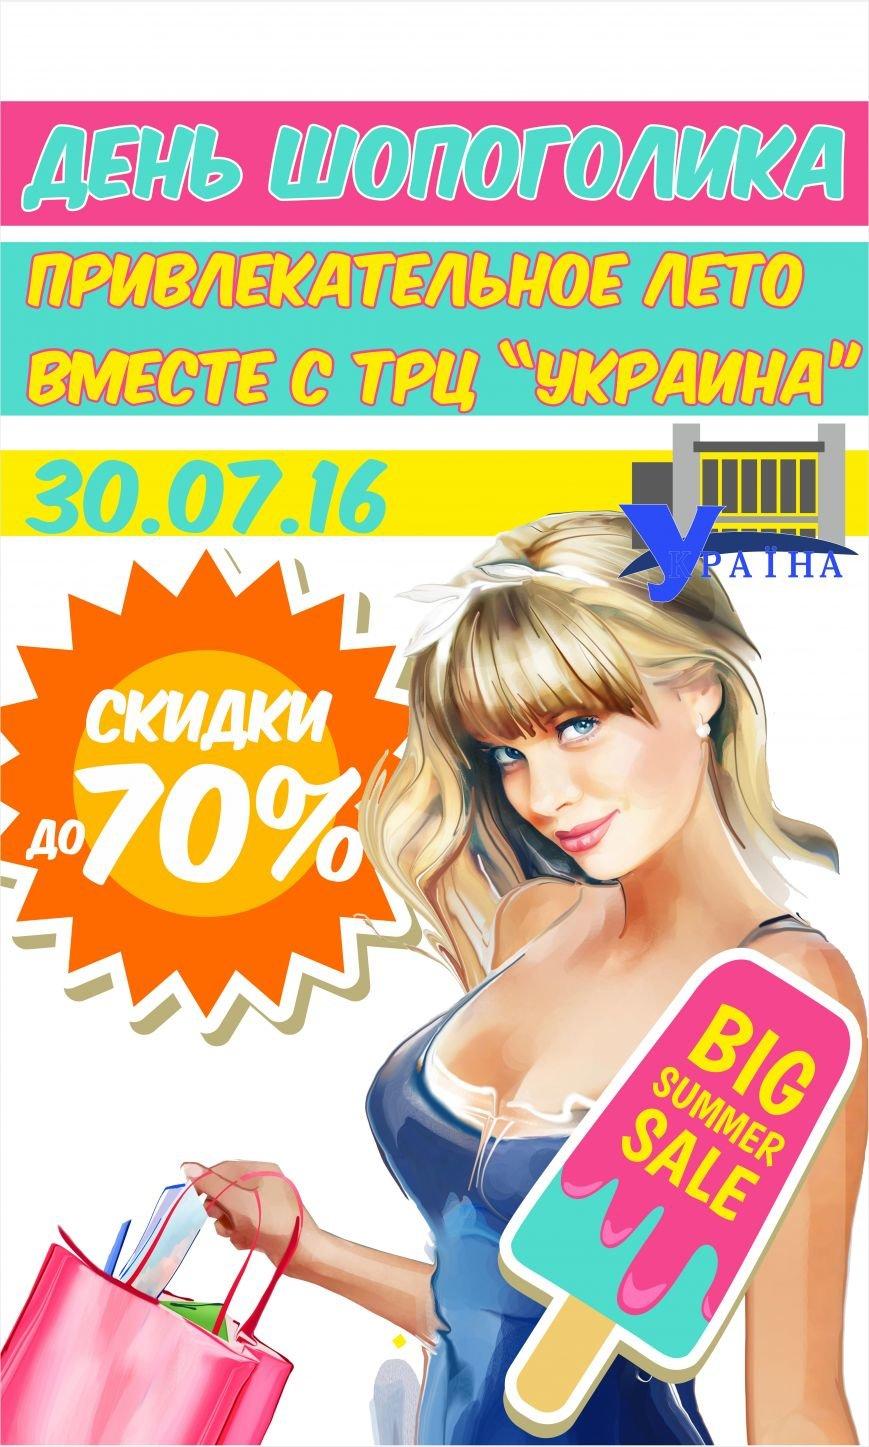 макет_1800х3000_25.07.16